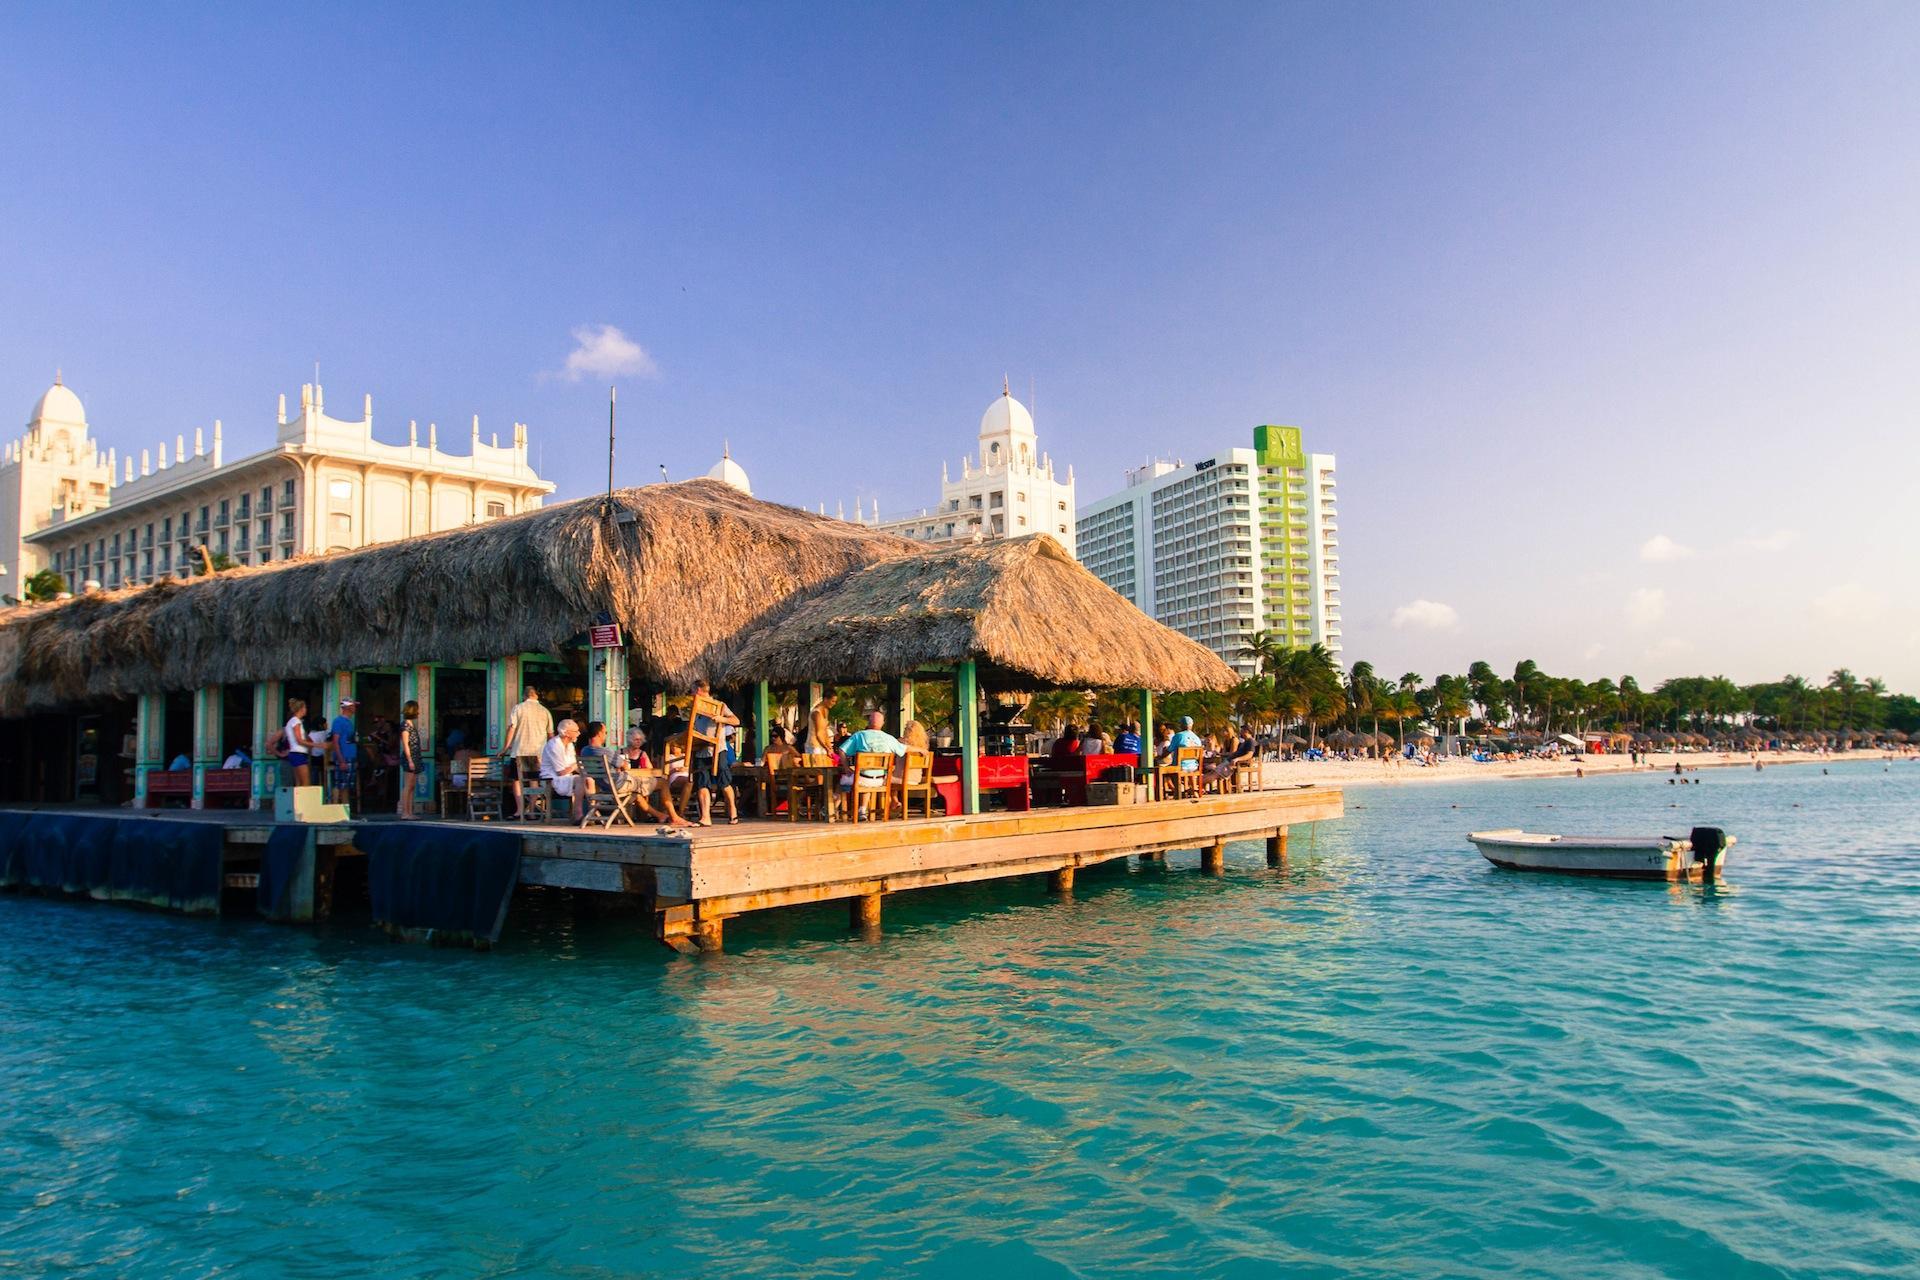 aruba villa vacation homes - discover aruba's relaxing beach bars